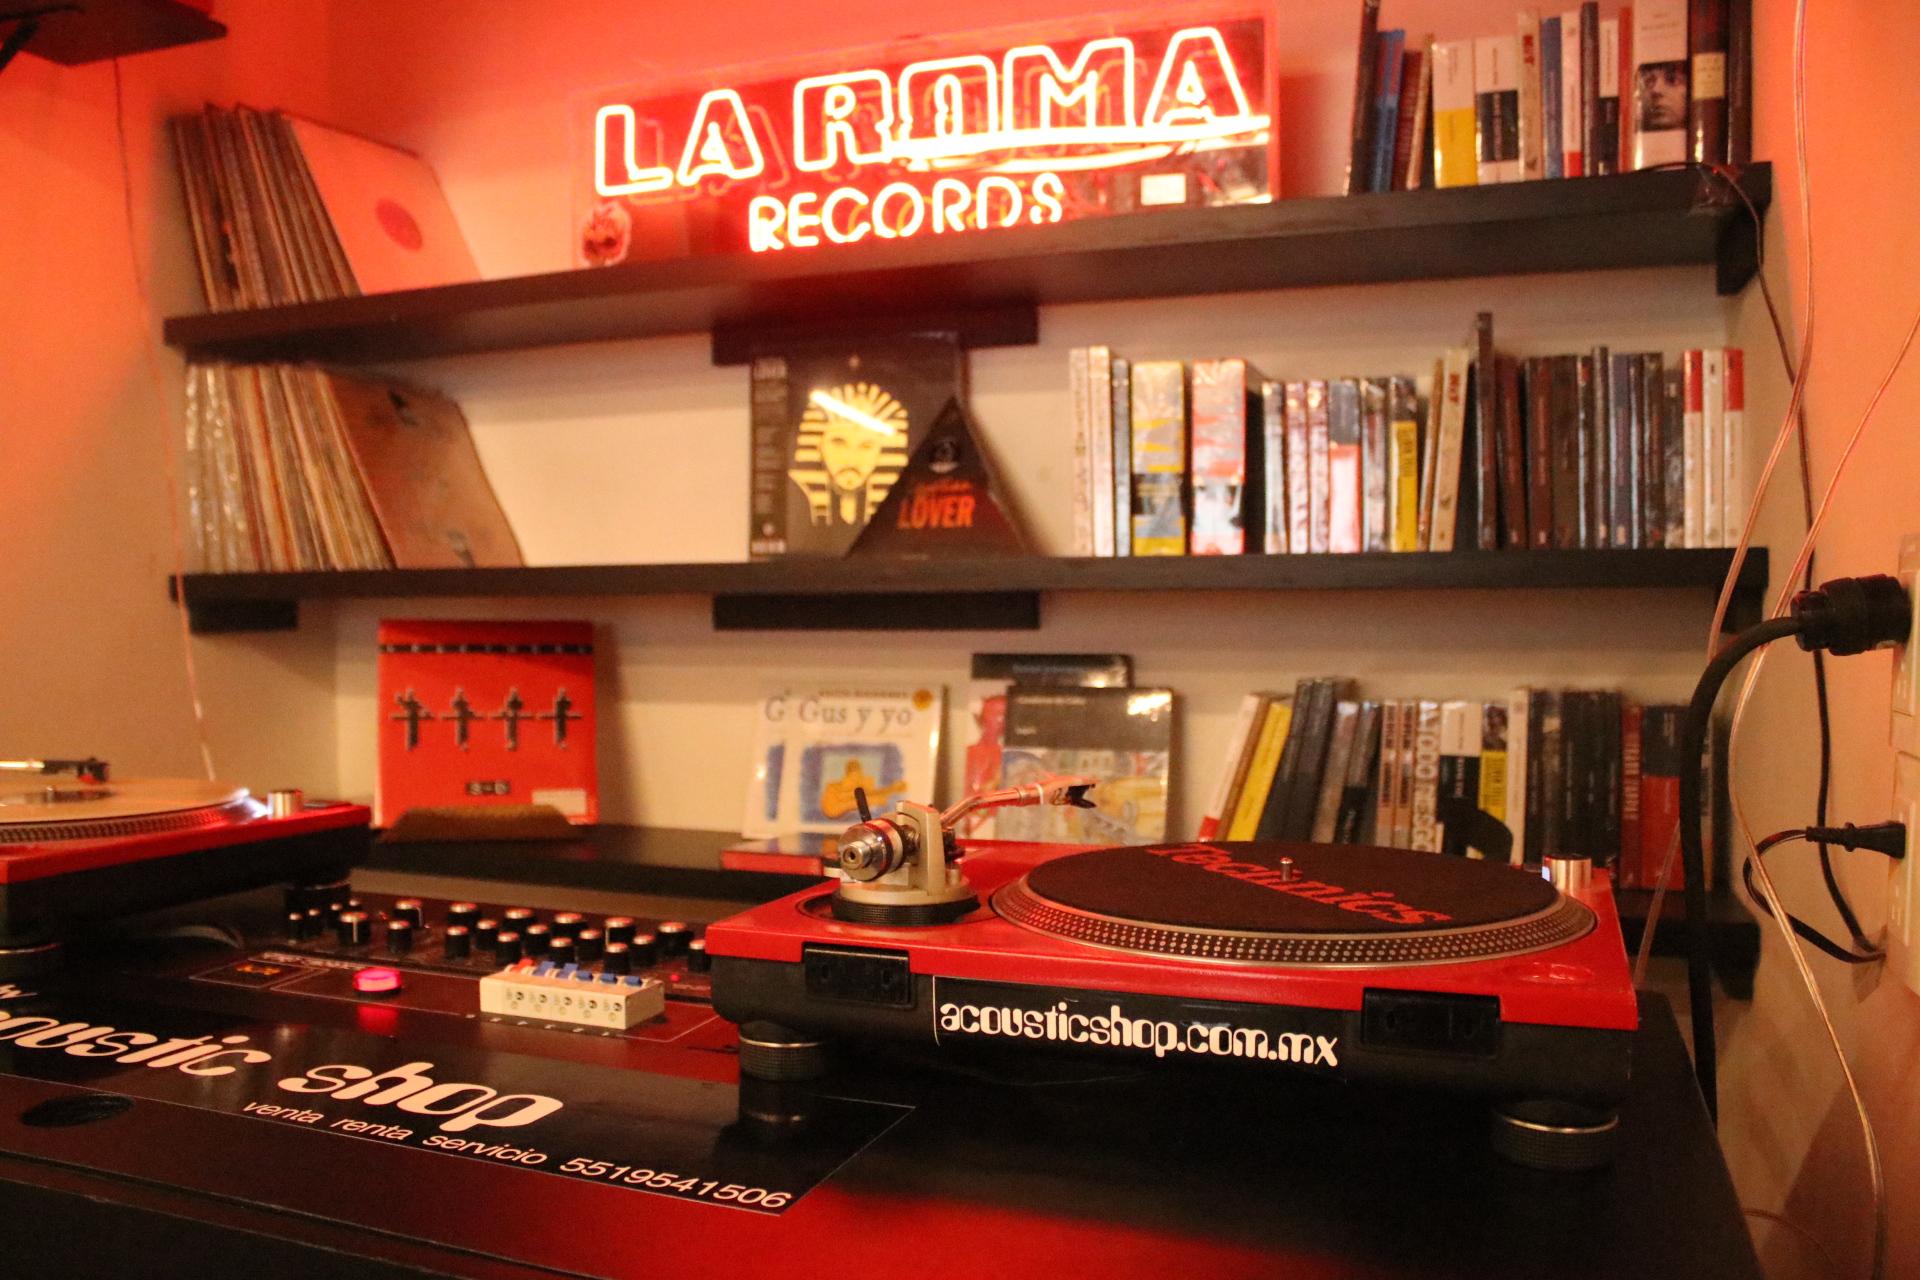 Seis años de música, seis años de La Roma Records